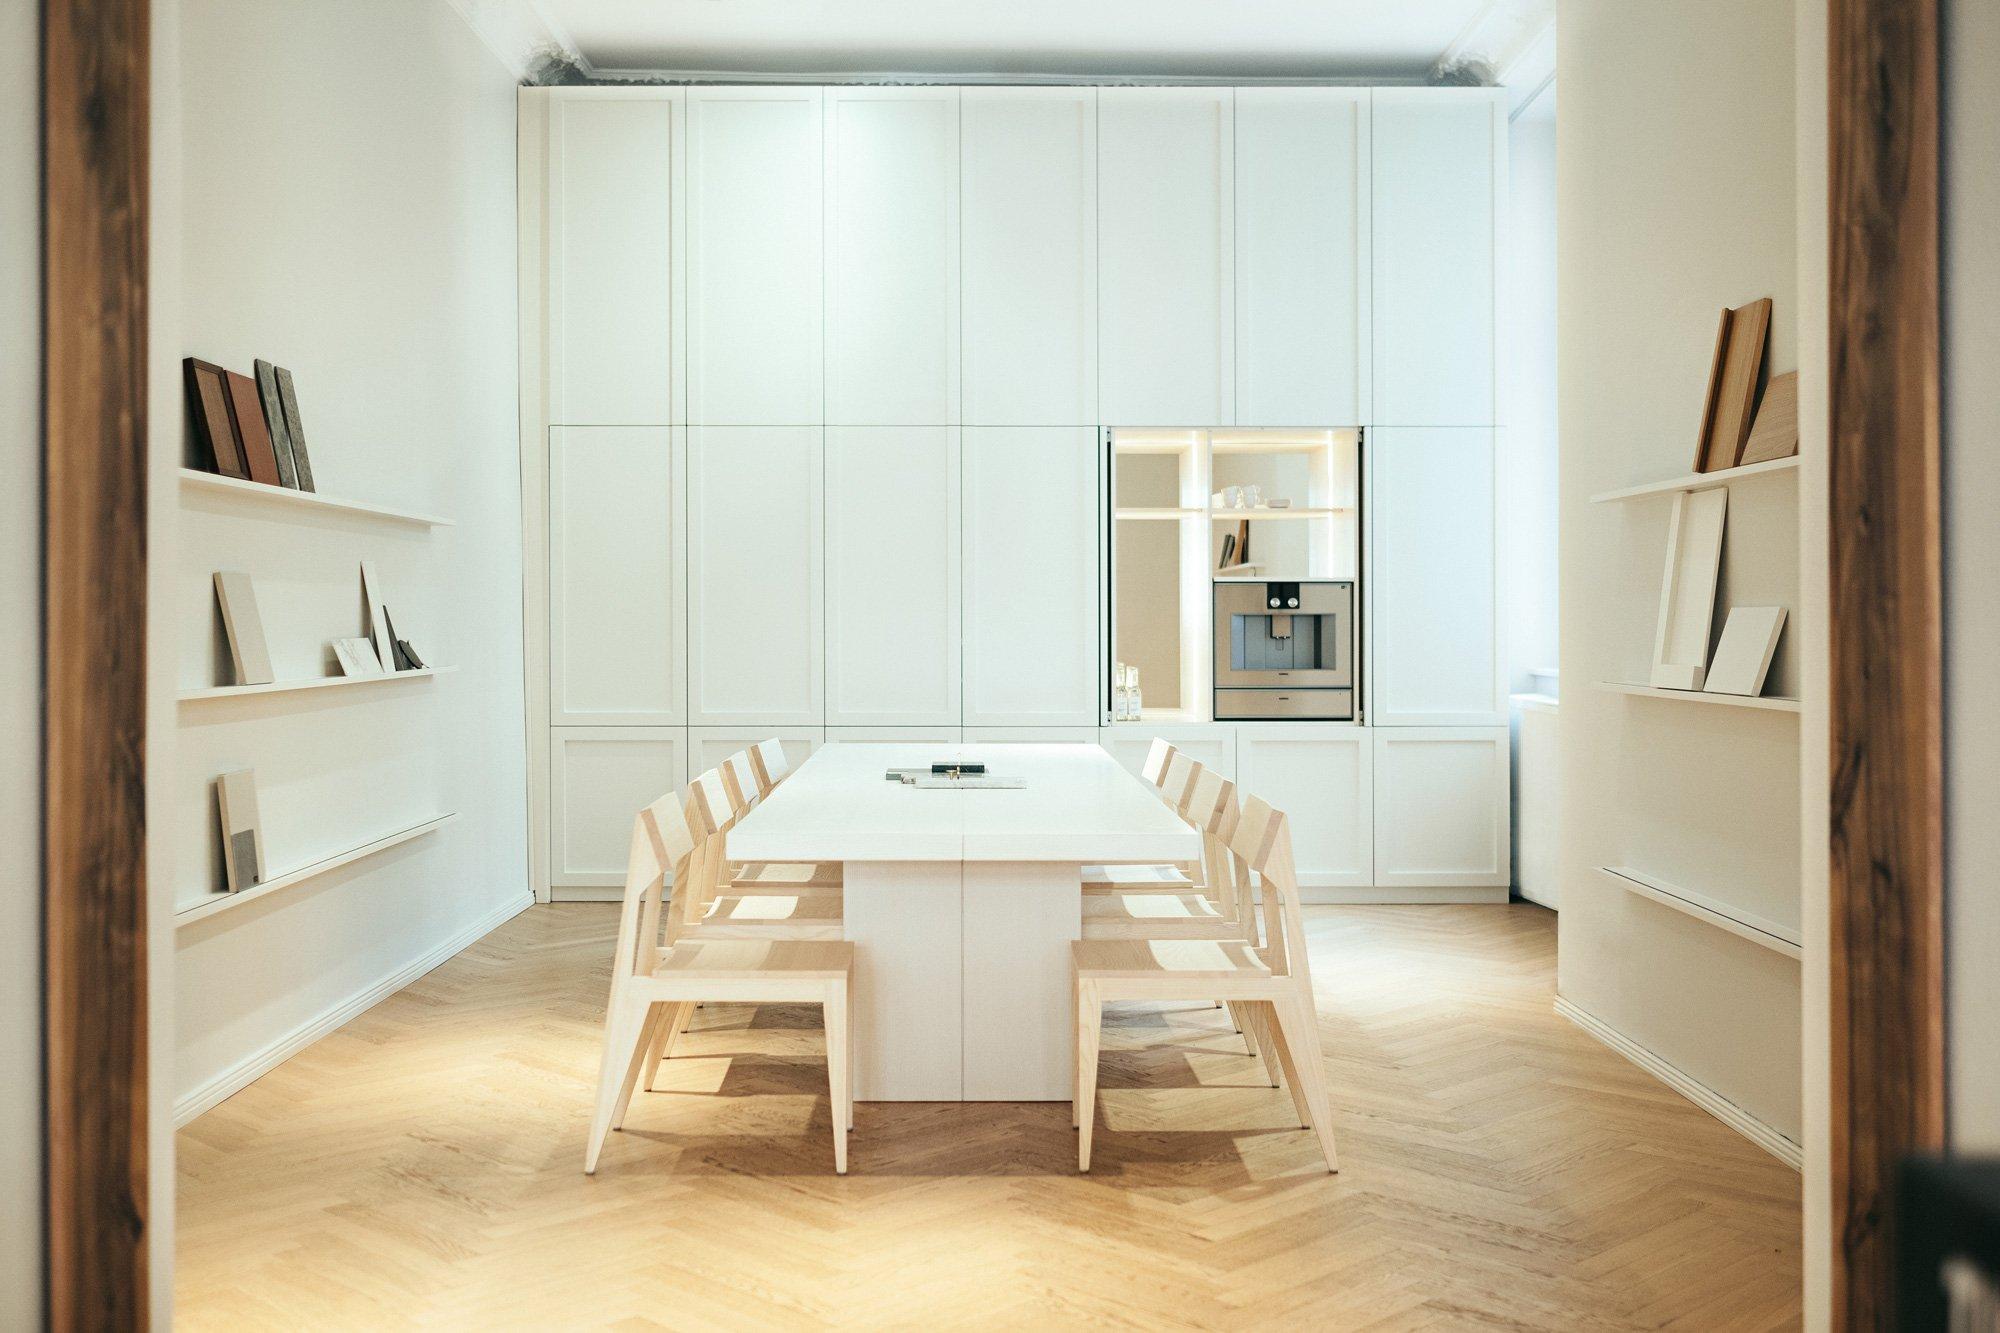 Tischlerei- und Studiobesuch bei Der Raum in Weißensee